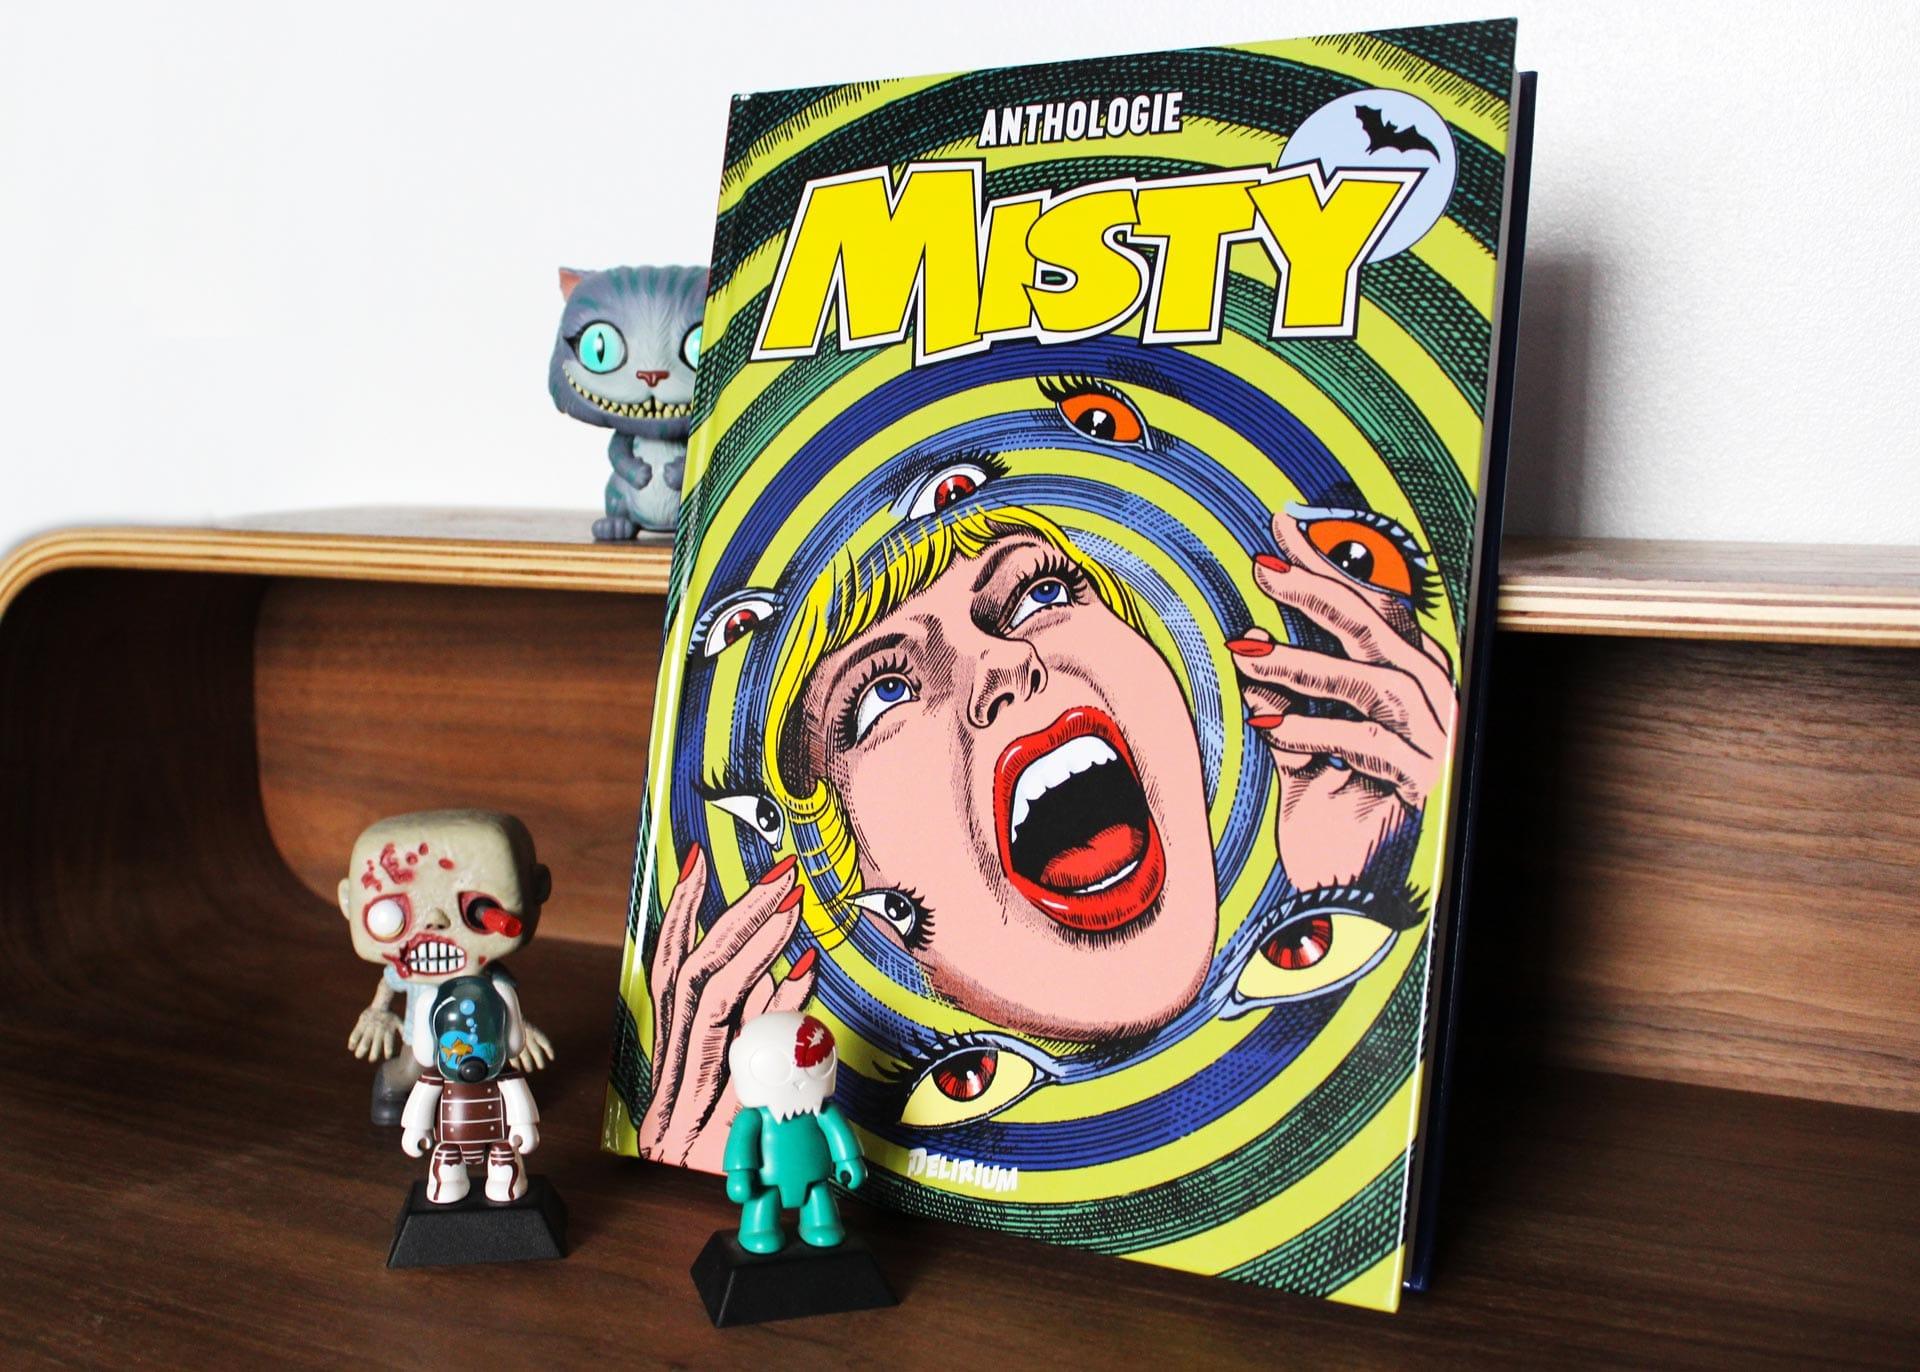 Préparez-vous à frissonner avec Misty !